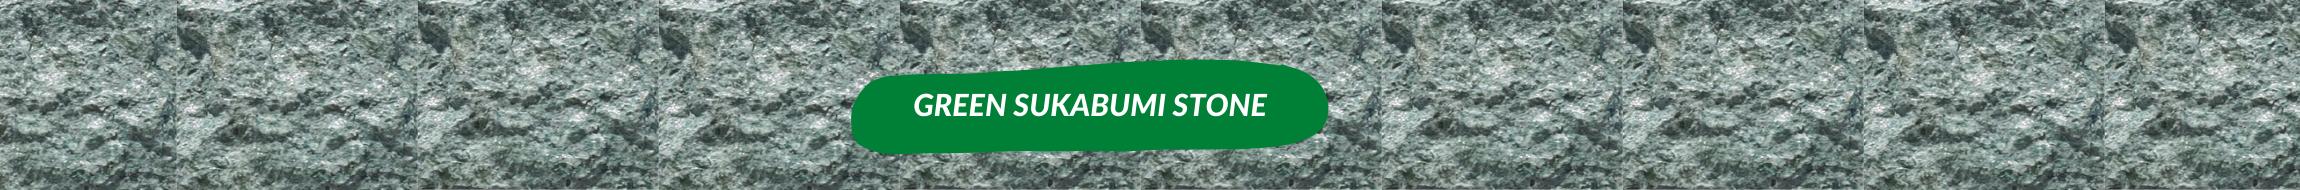 green-sukabumi